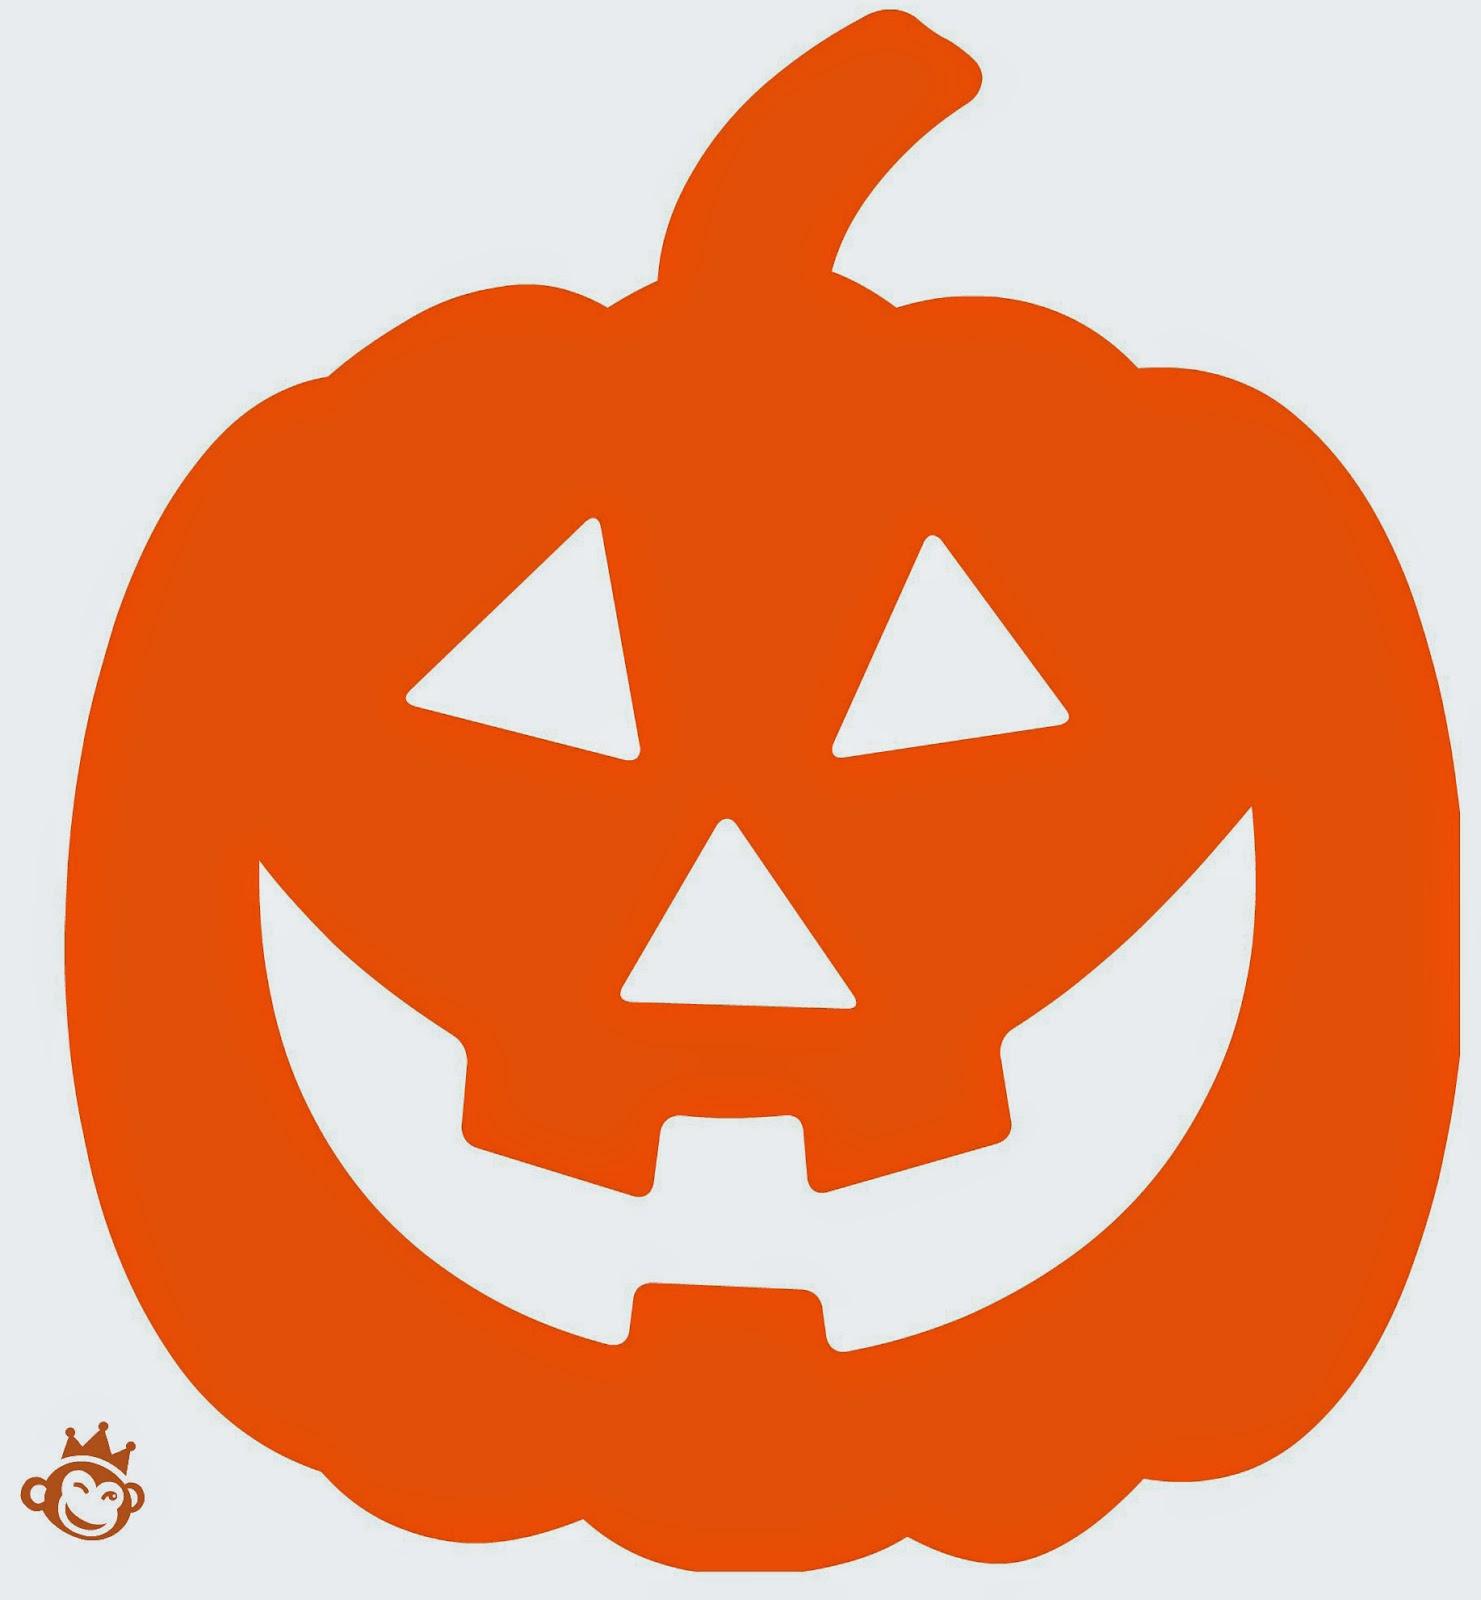 Recetas originales figuras recortables para decorar en - Plantillas para decorar calabazas halloween ...